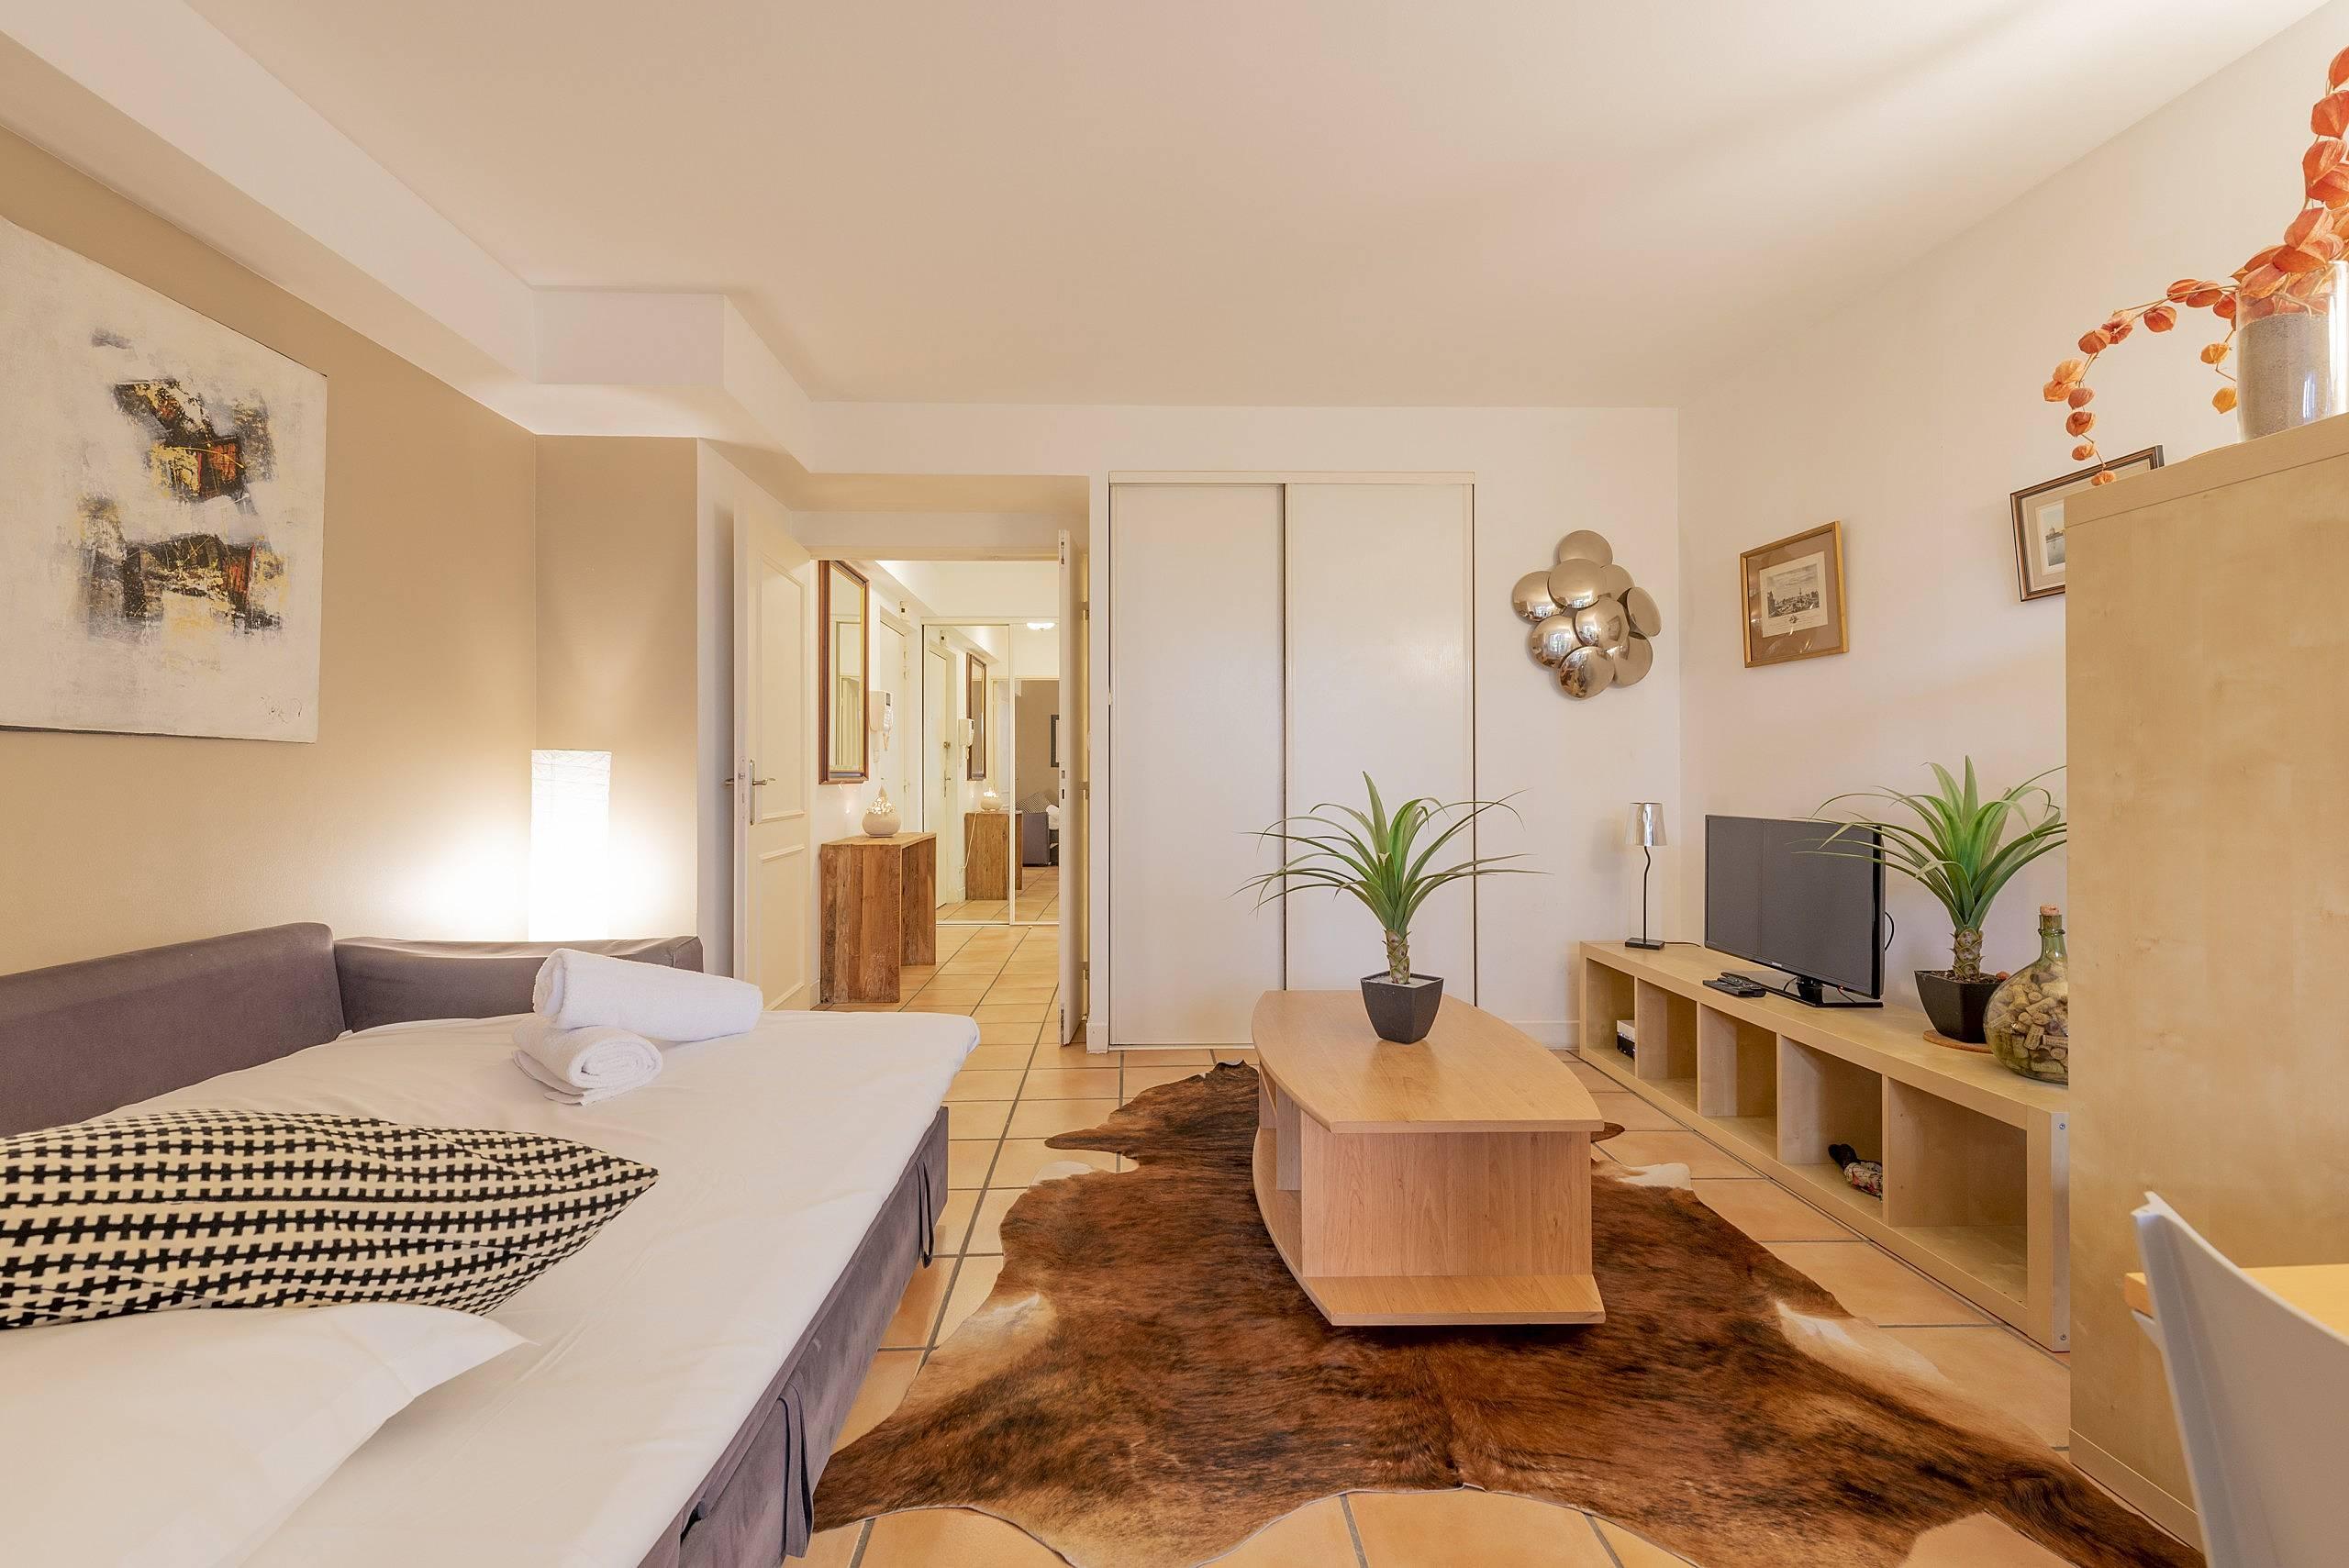 rauchgeruch aus wohnung entfernen rauchgeruch entfernen die besten 8 tipps auf einen blick so. Black Bedroom Furniture Sets. Home Design Ideas